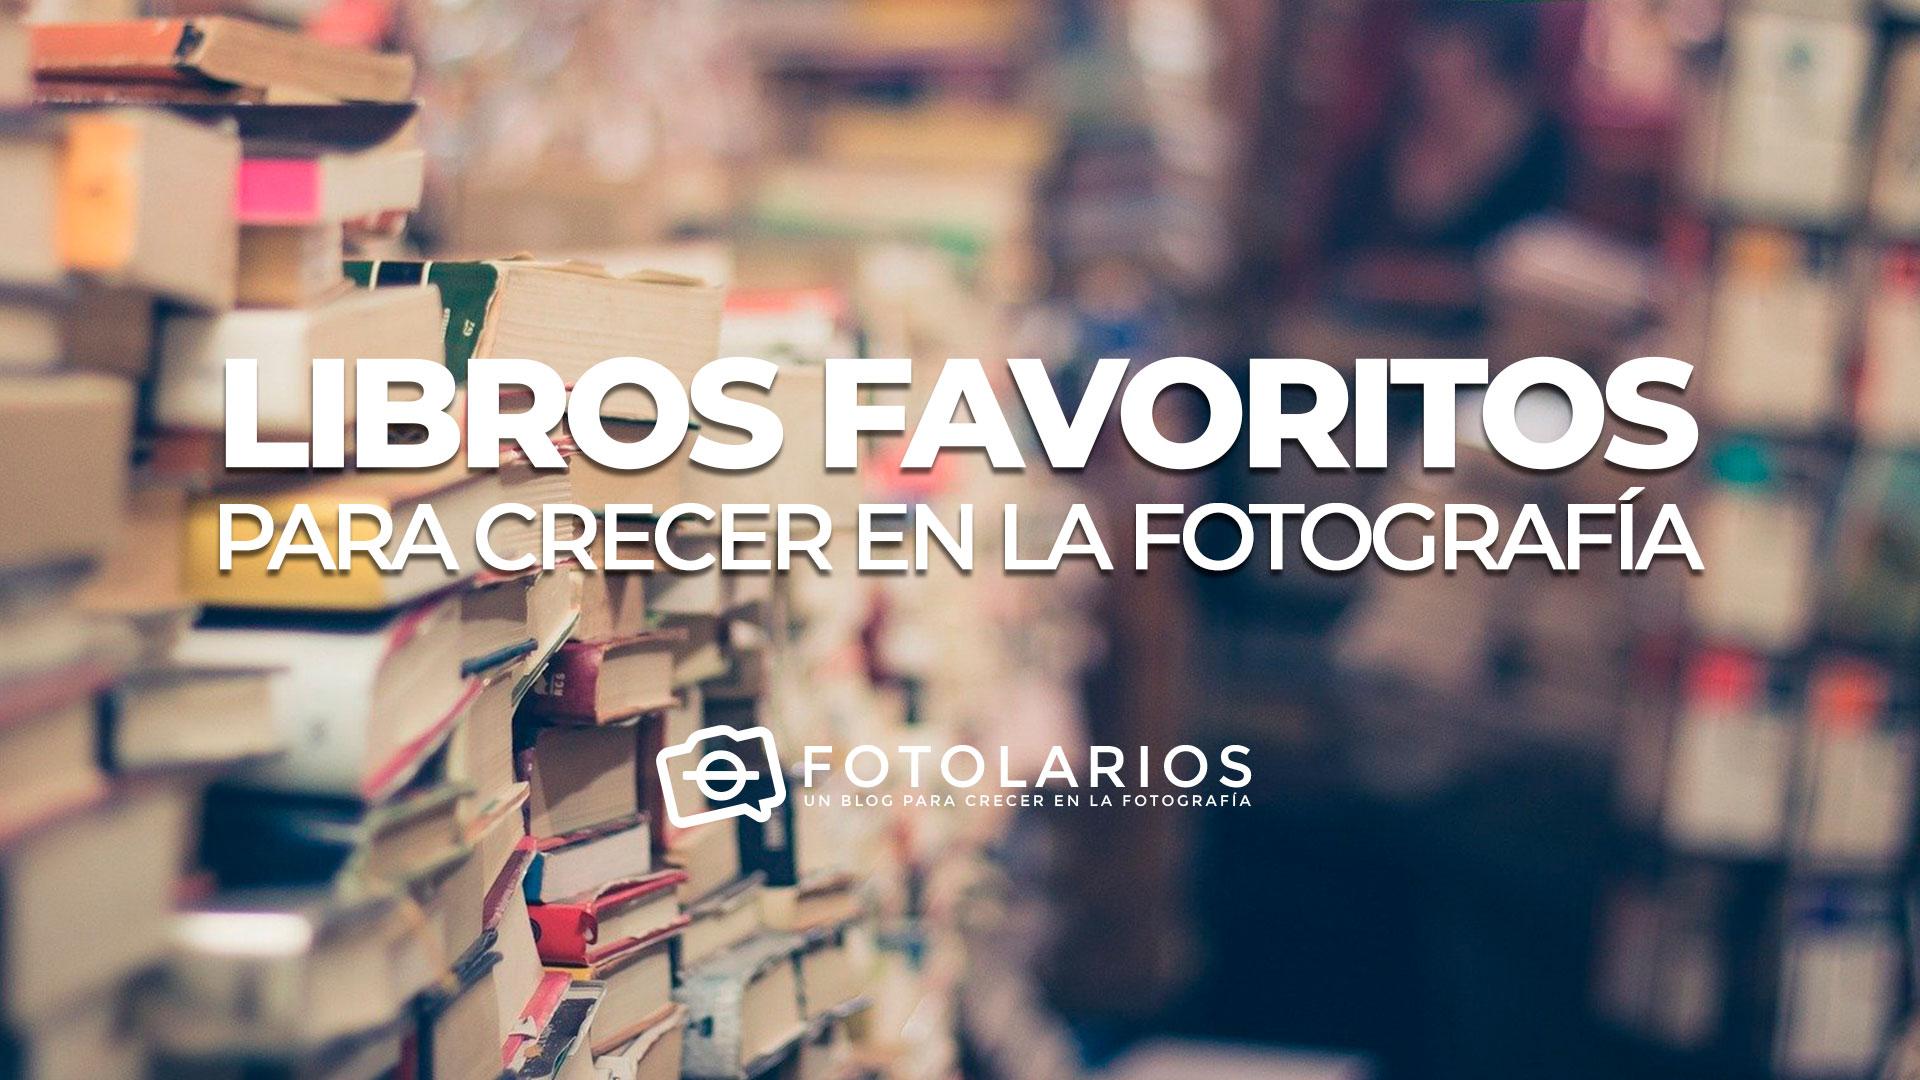 Libros favoritos para crecer en la Fotografía